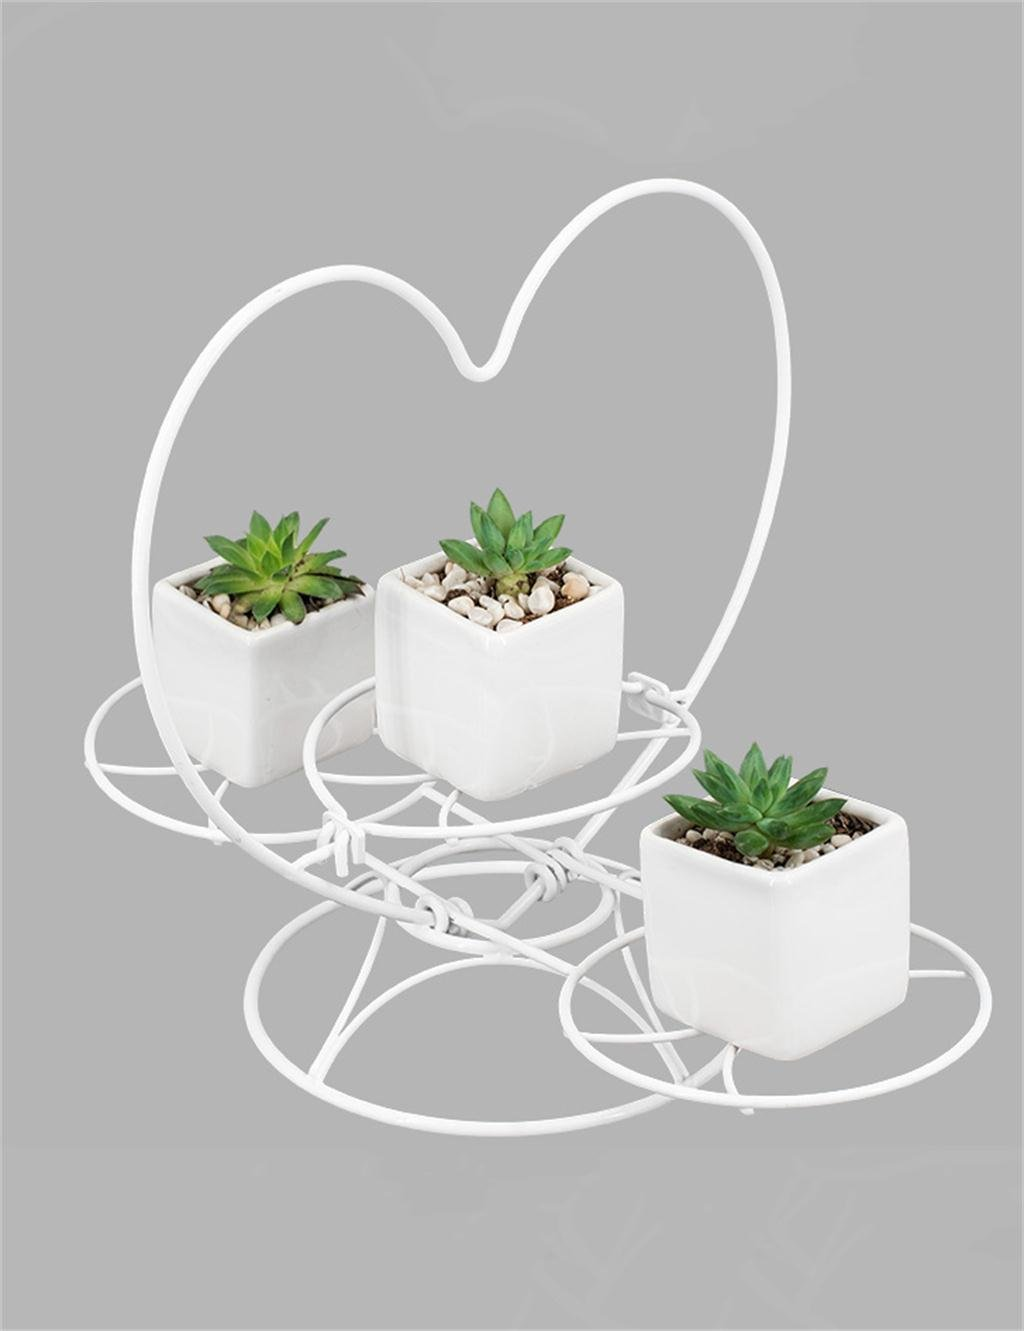 LB huajia ZHANWEI Europäischer einfacher Eisen-Blumen-Topf-Regal-Betriebs-Standplatz-Wohnzimmer-faltender Blumen-Zahnstange-Blumen-Topf-Halter (Farbe : Weiß)